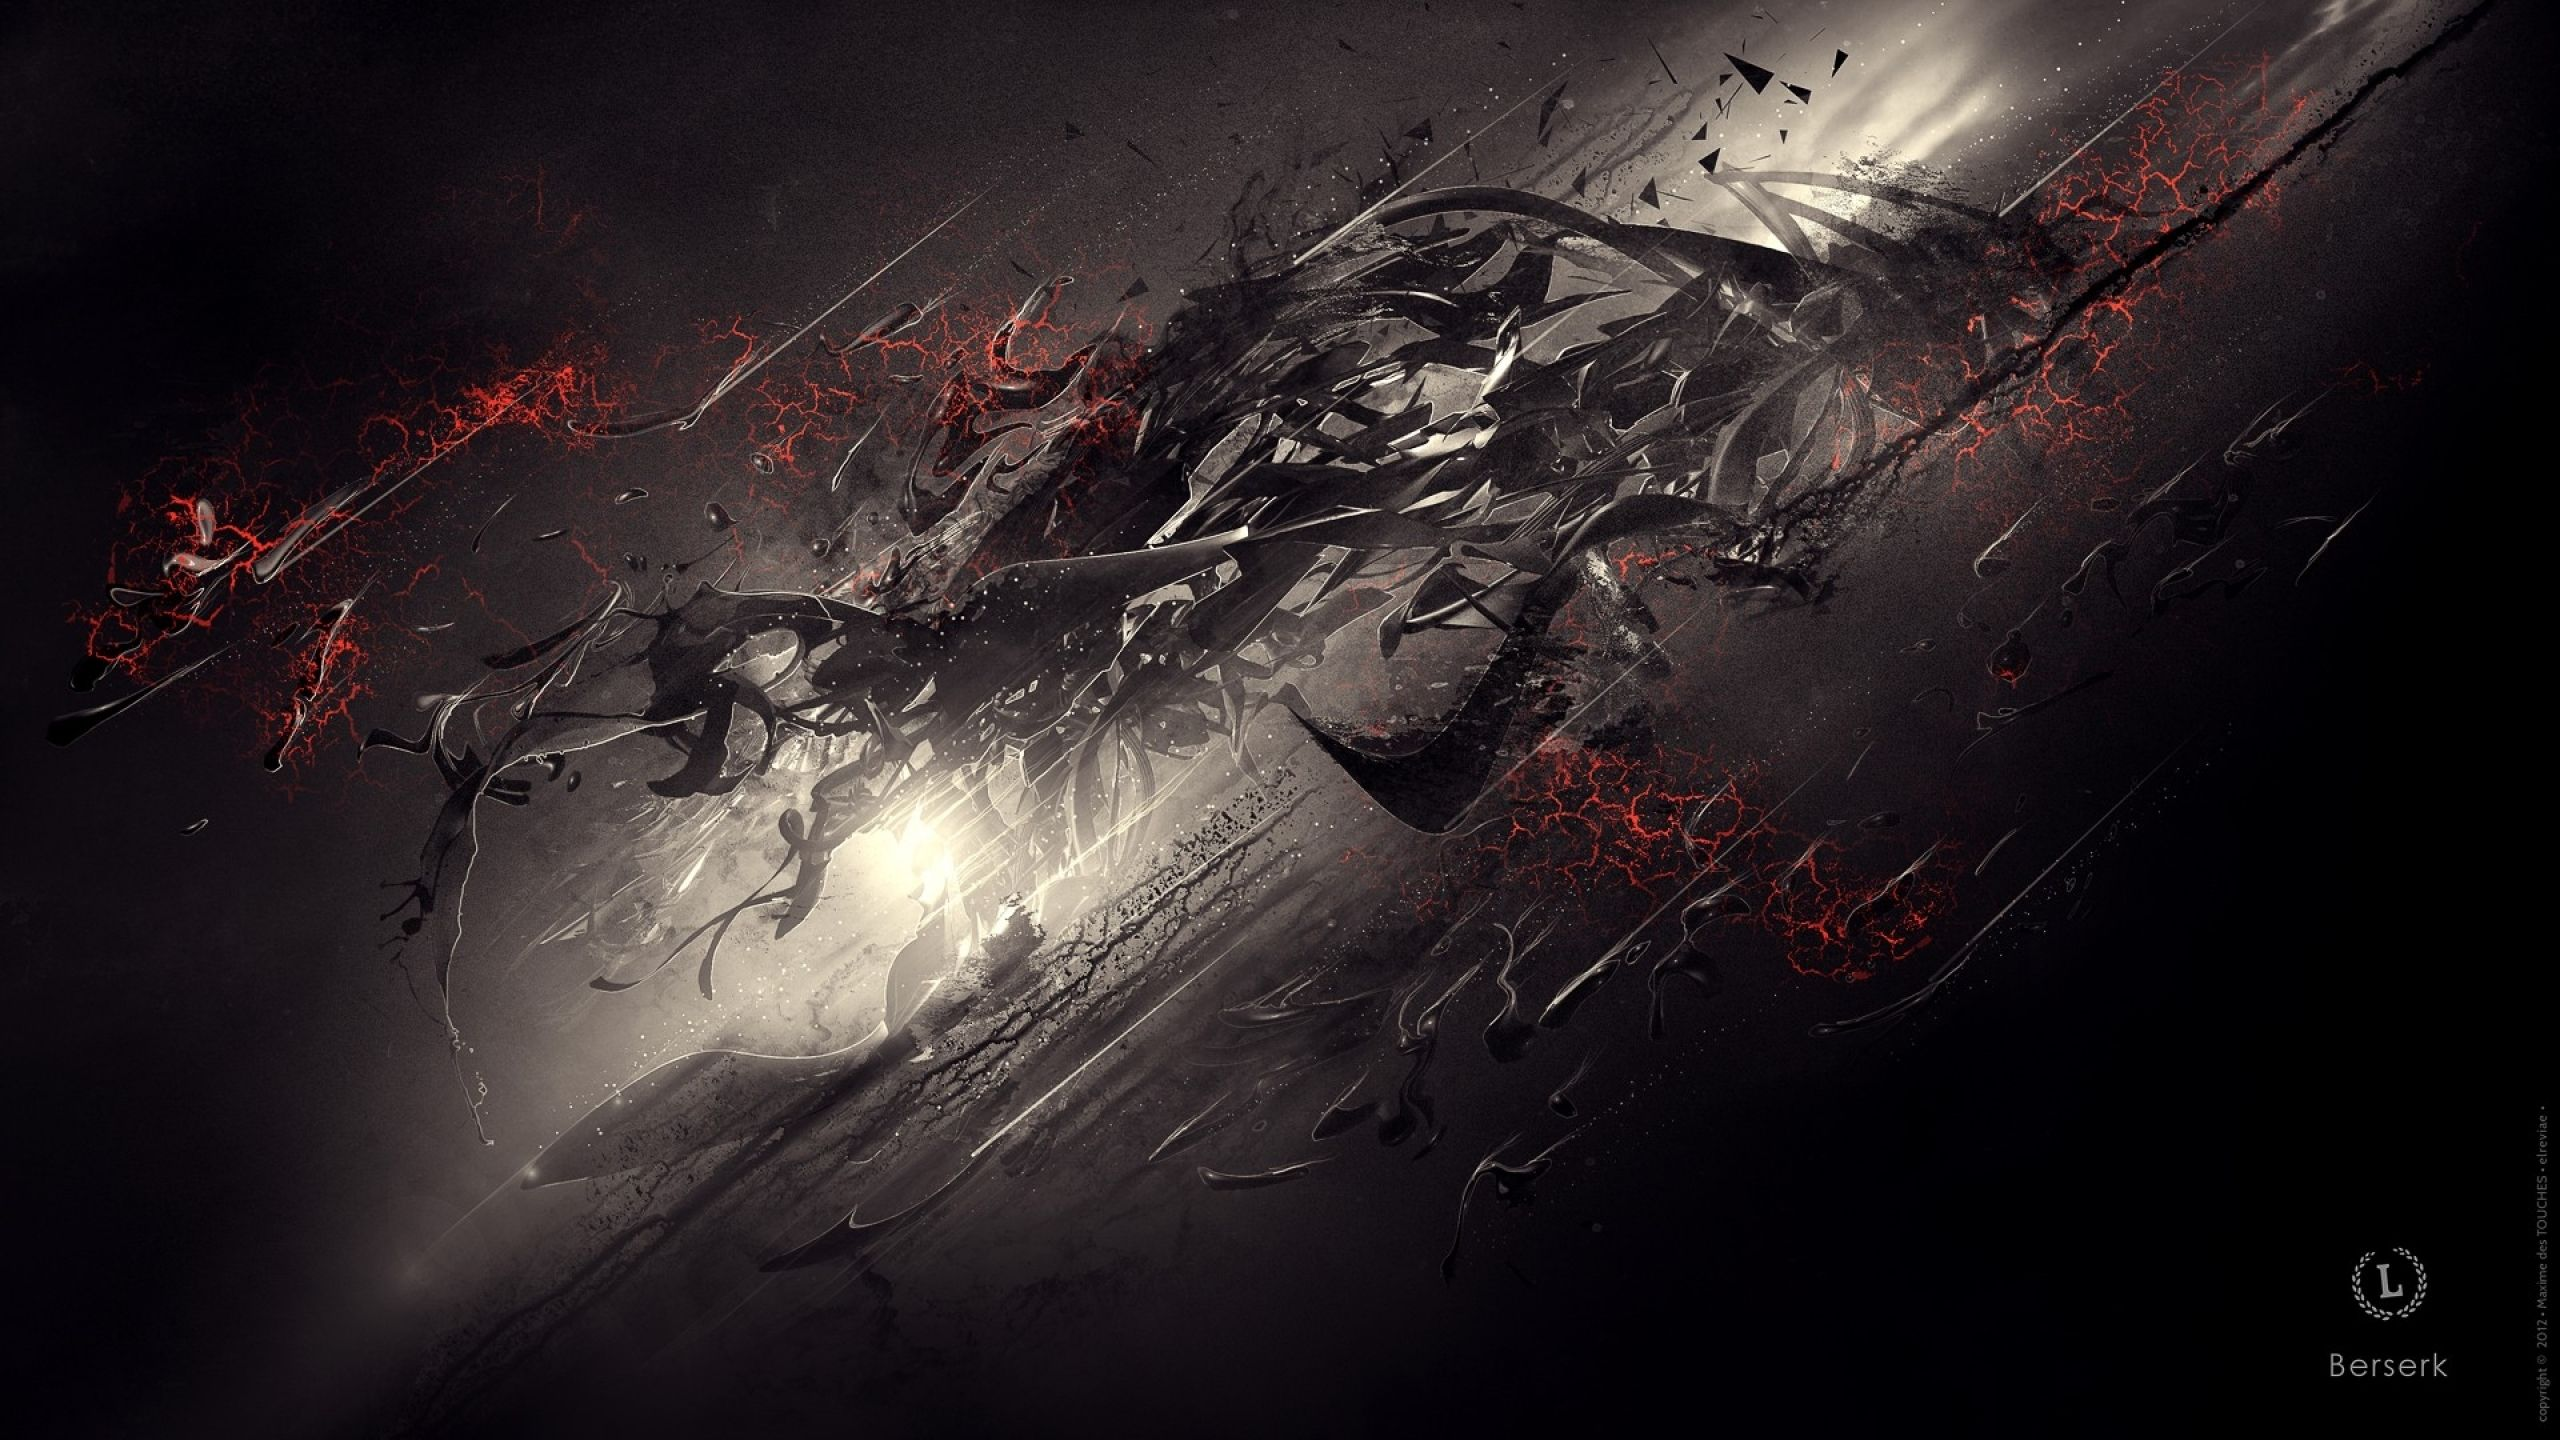 Abstract Dark Berserk Digital Art Wallpaper Hd Animal Wallpaper Digital Art Art Wallpaper